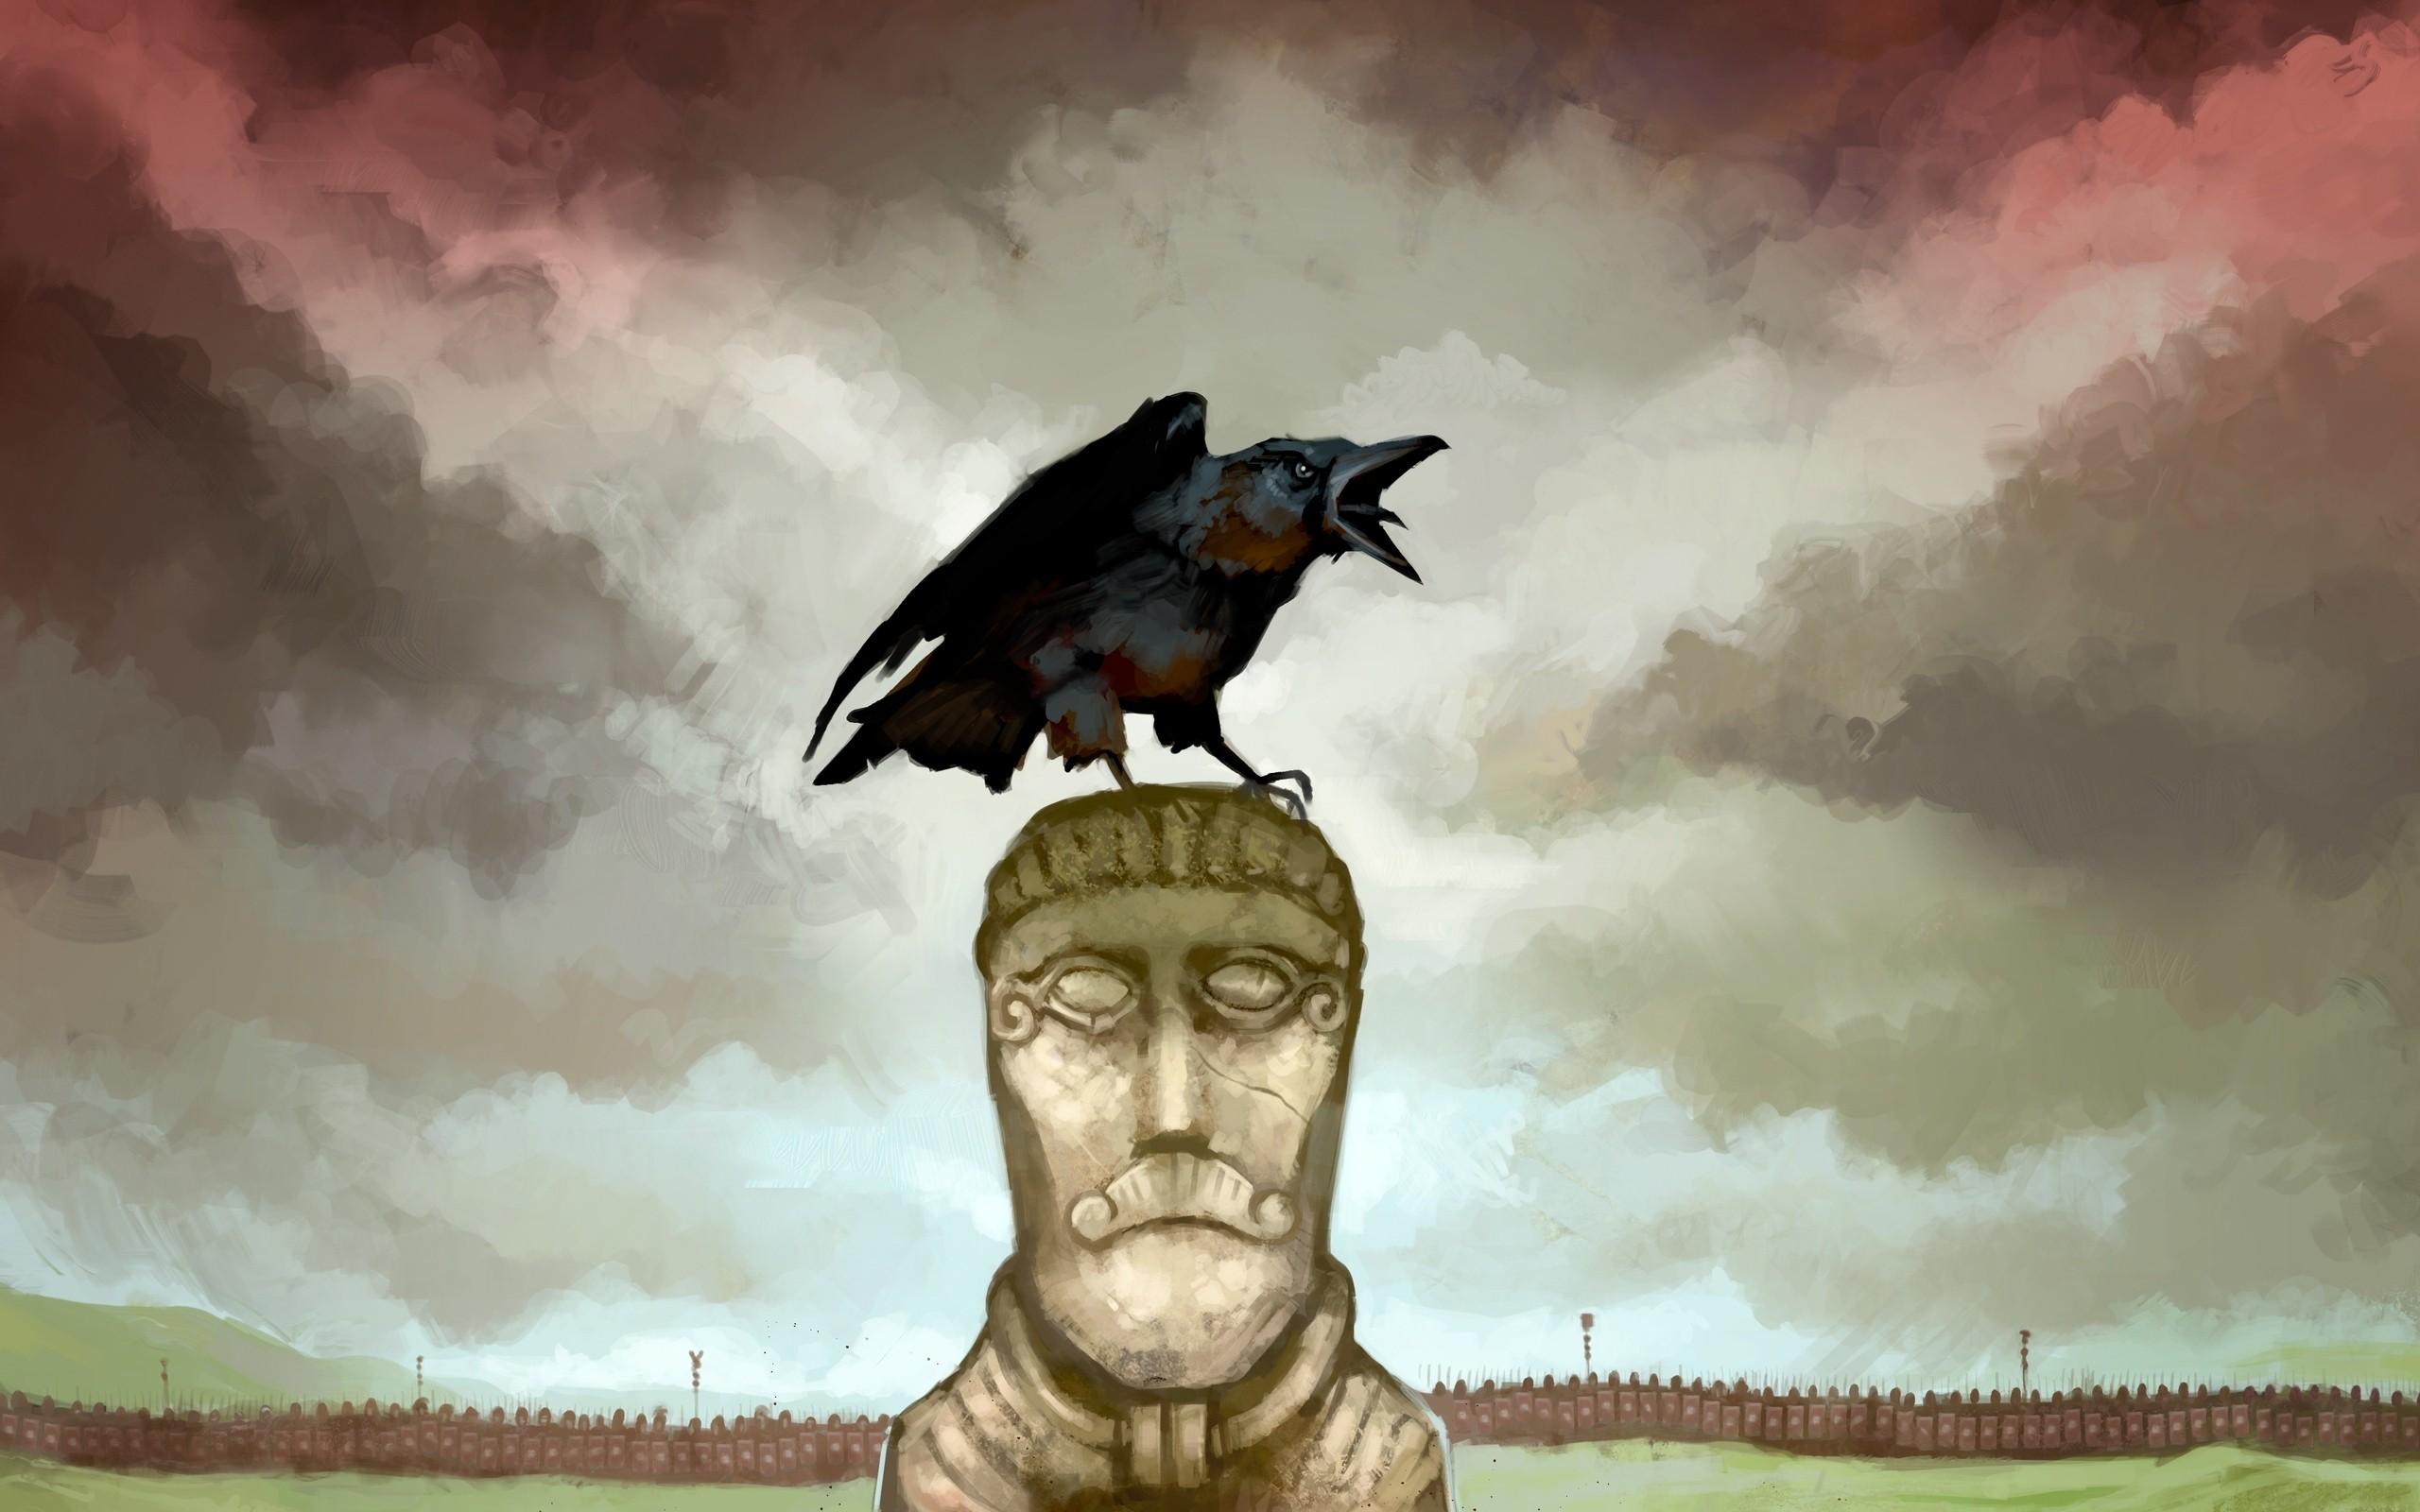 Cuervo en una estatua - 2560x1600